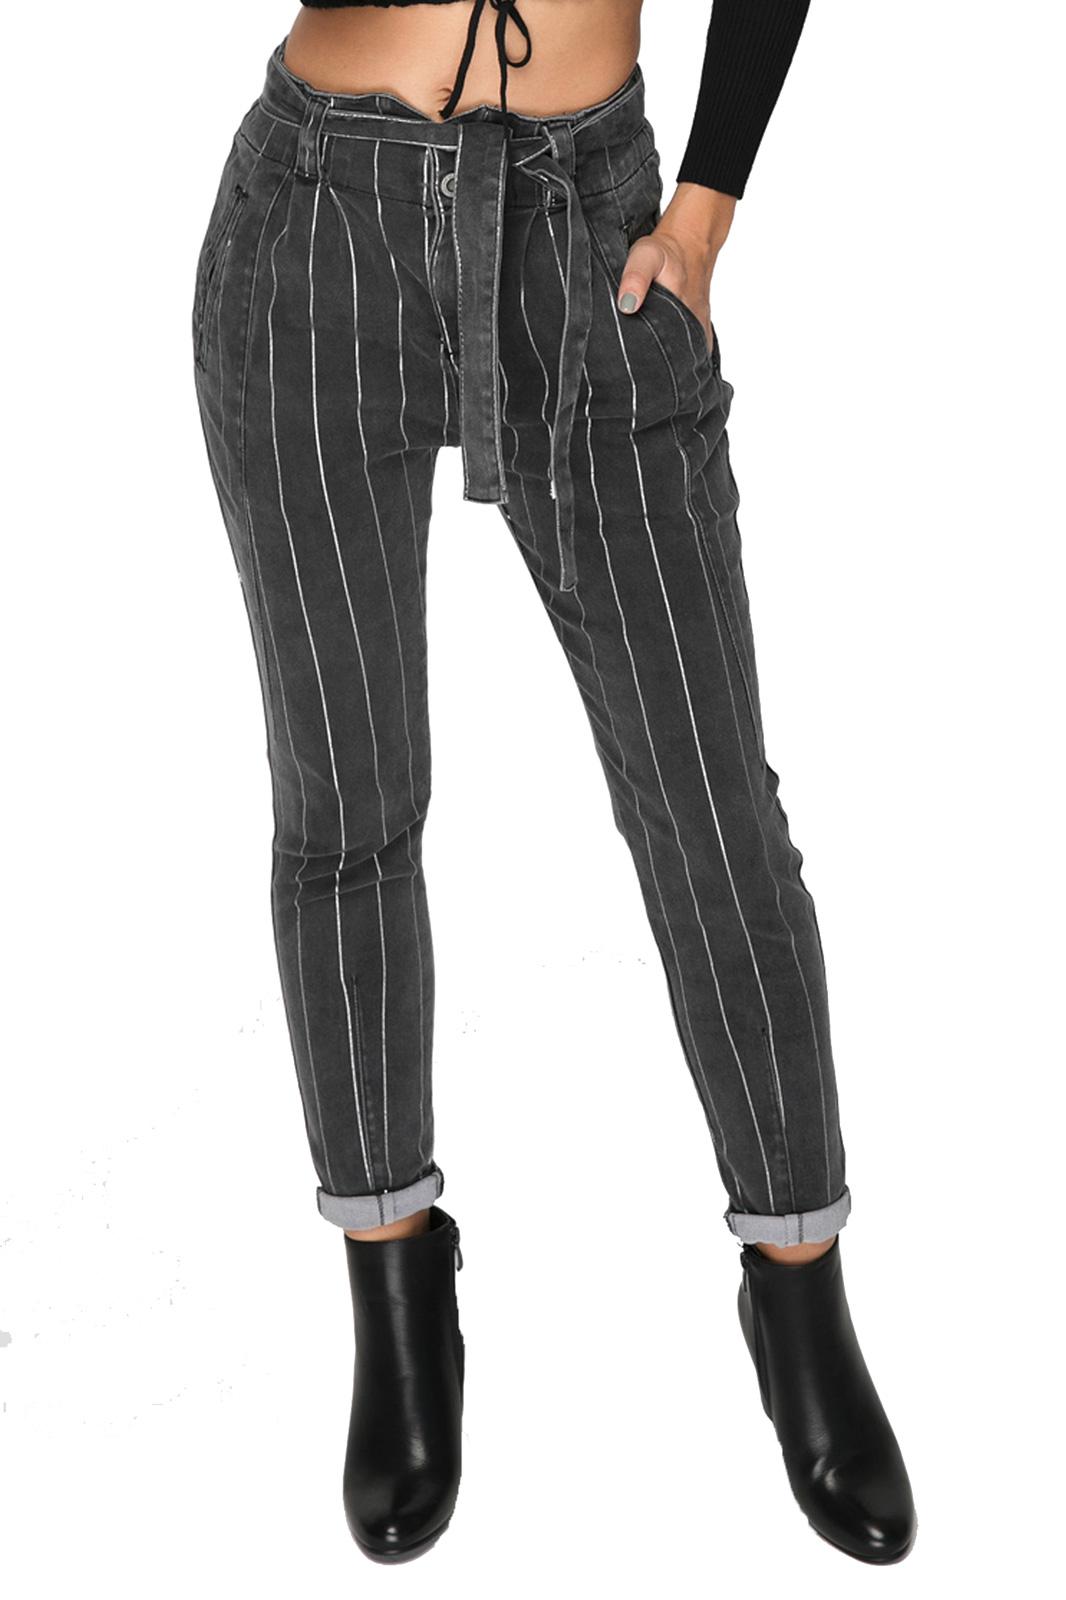 Ψηλόμεσο Τζίν με Ζώνη γυναικεία   παντελόνια   τζίν   ντένιμ